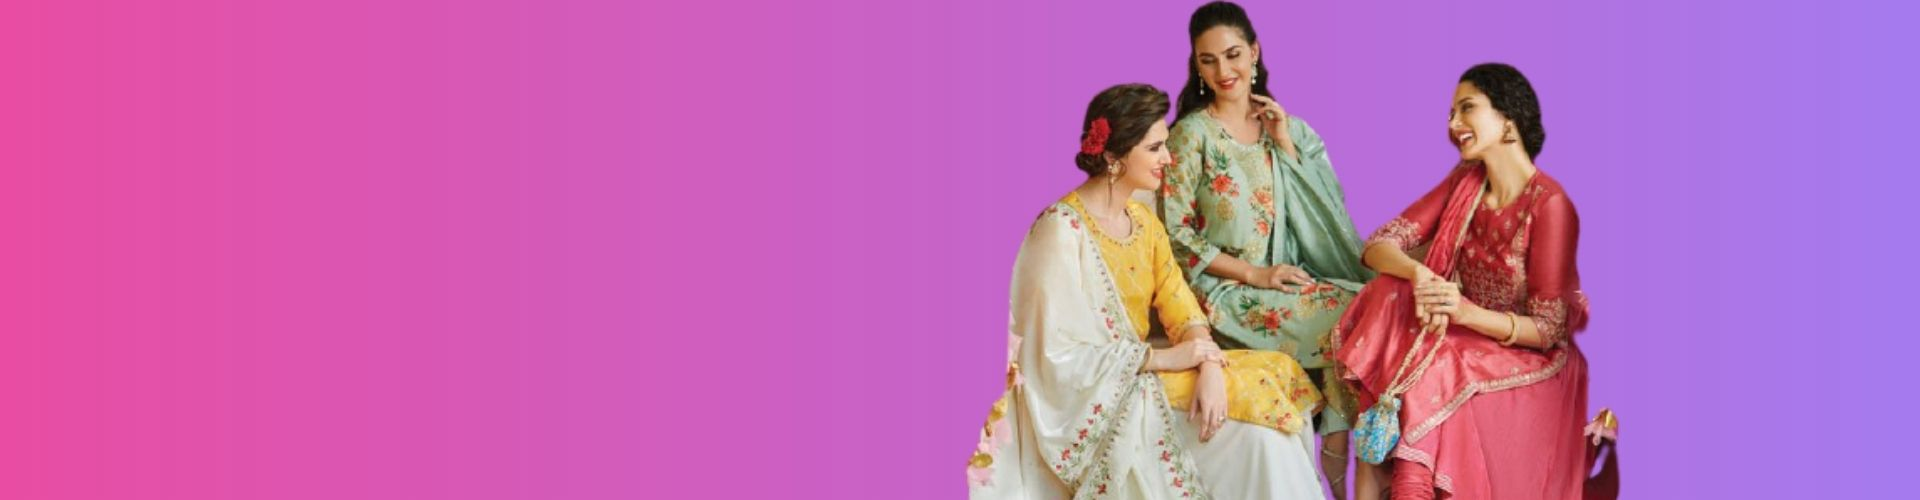 Offers n women's dress